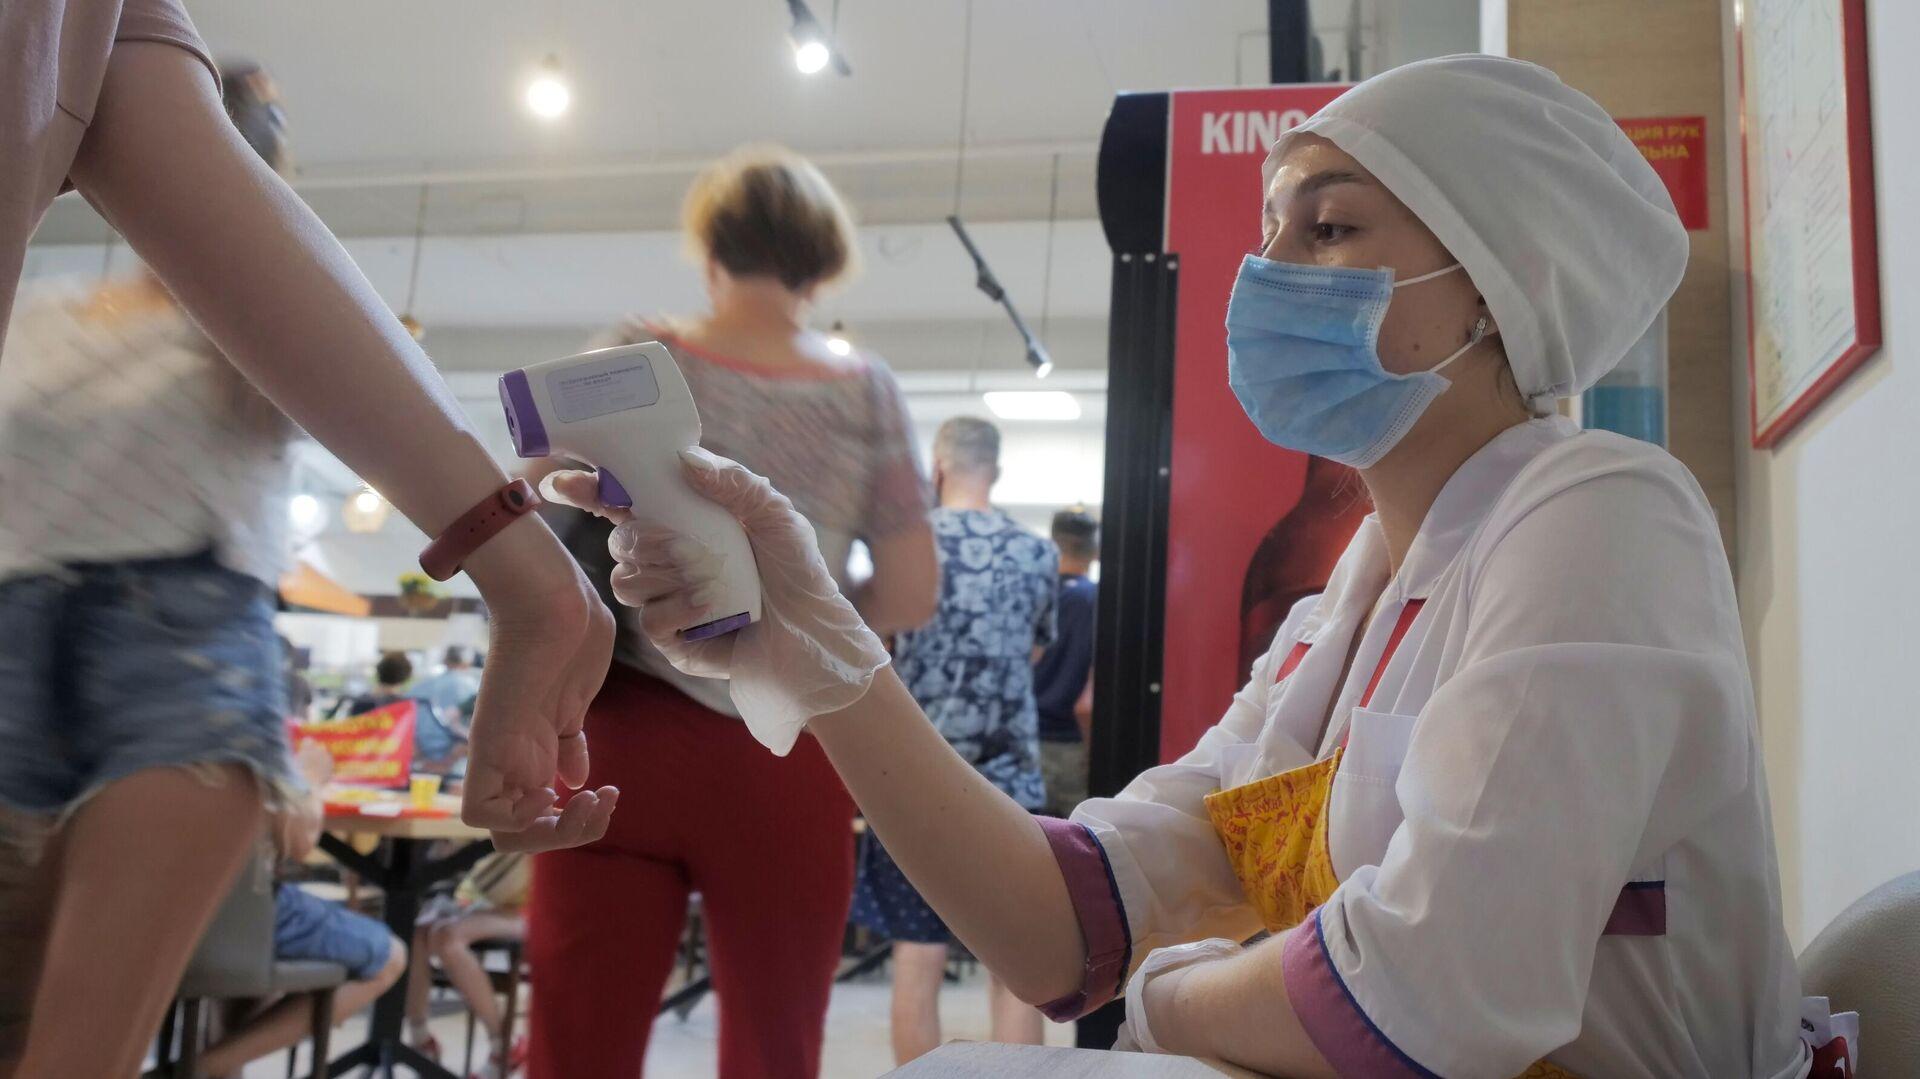 Работница кафе проверяет температуру у посетителей торгового центра - РИА Новости, 1920, 05.08.2021